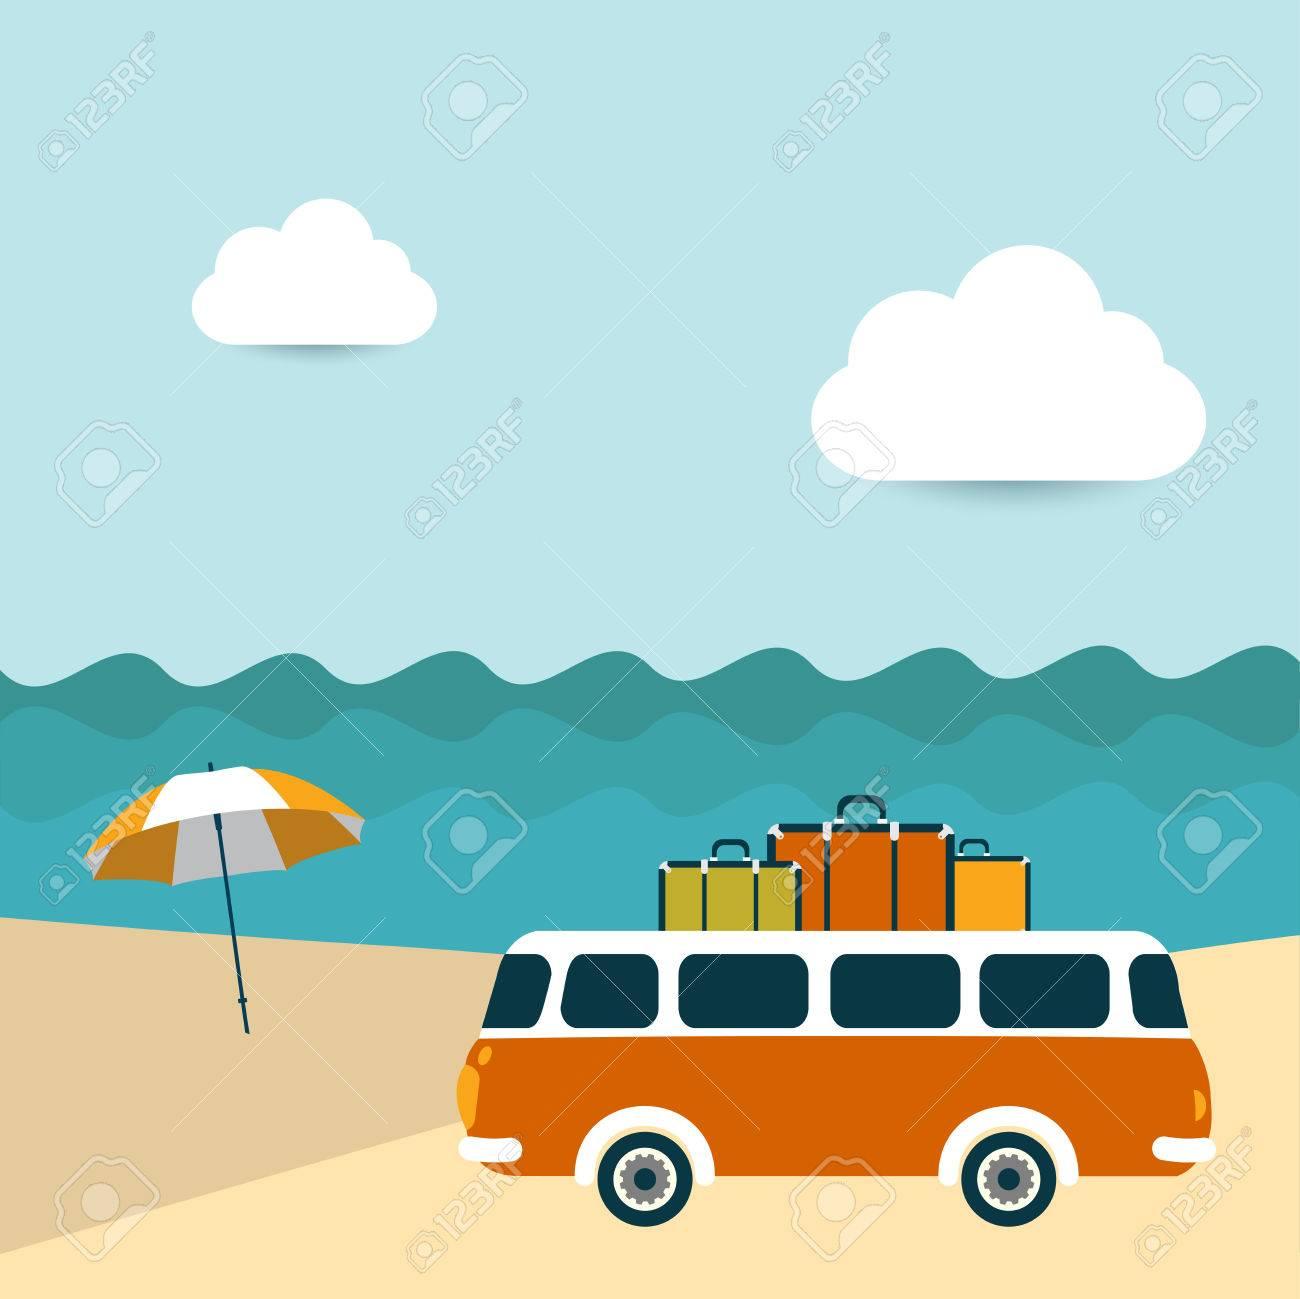 夏イラスト背景レトロなバスでの海の風景 ロイヤリティフリークリップ